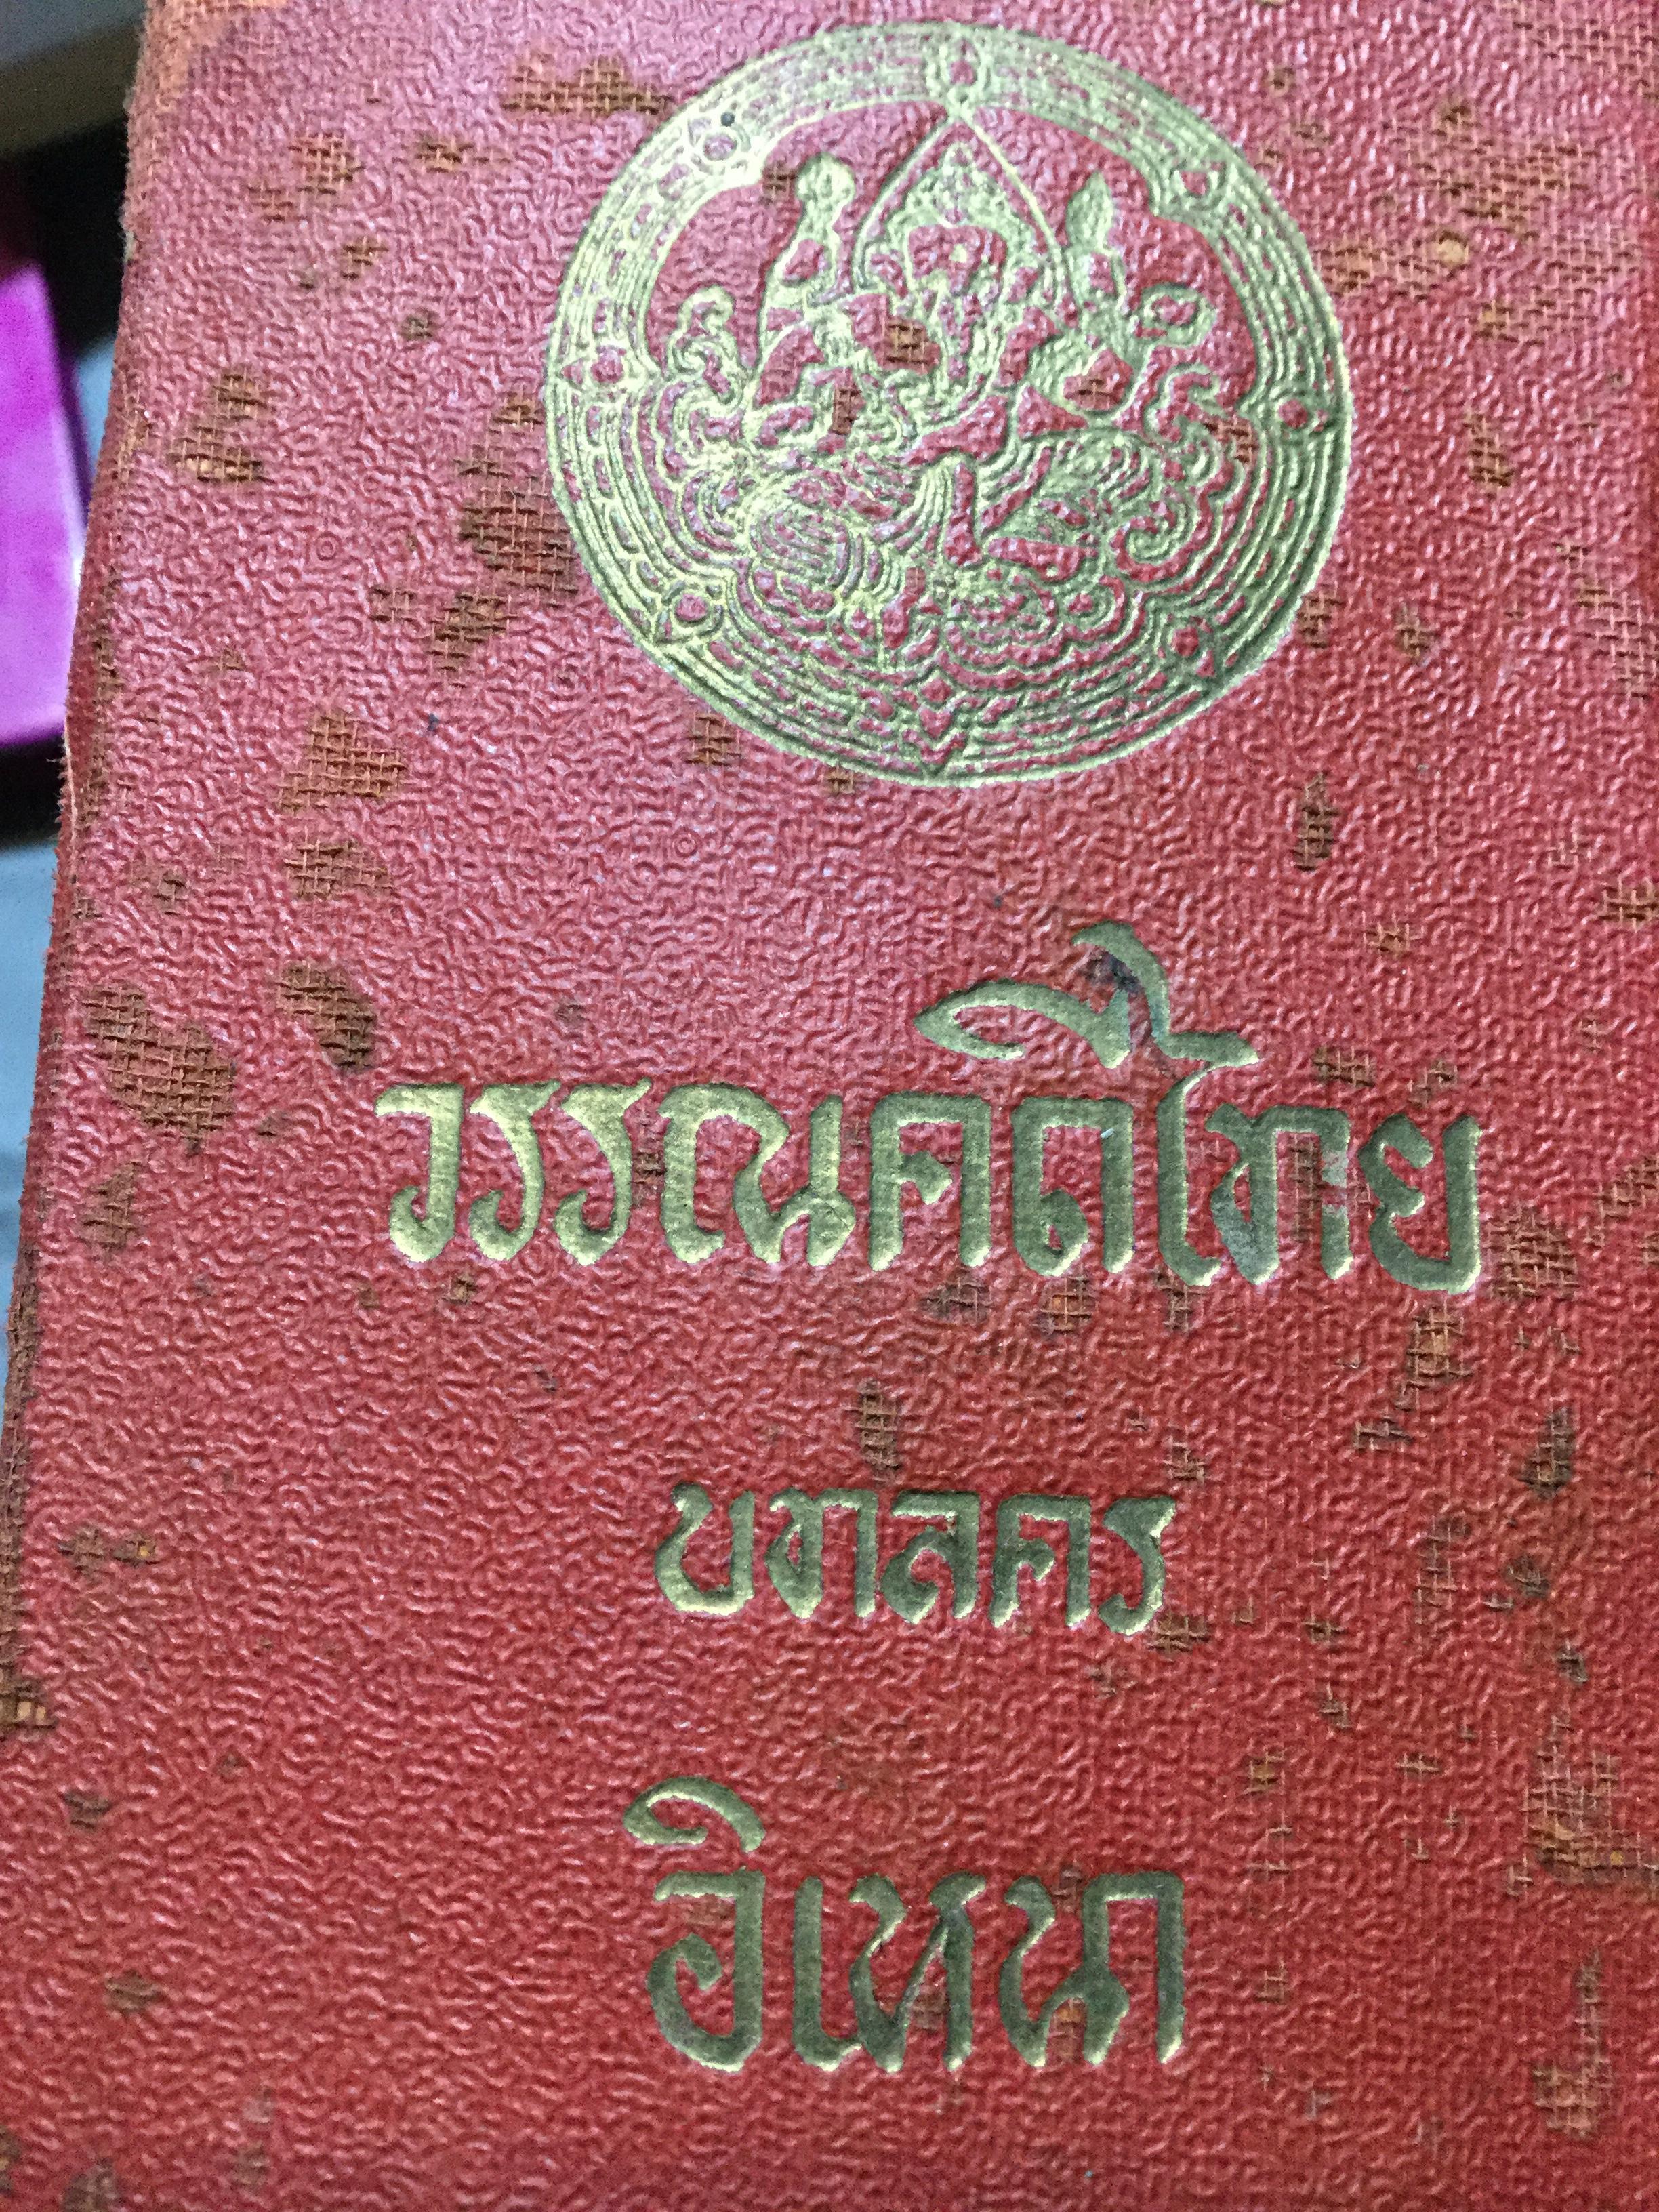 วรรณคดีไทย บทลคร อิเหนา ฉบับหอพระสมุดวชิรญาณ โดยพระนางเจ้าสุขุมาลมารศรีพระราชเทวี โปรดให้พิมพ์พระราชนิพนธ์อิเหนาขึ้นใหม่